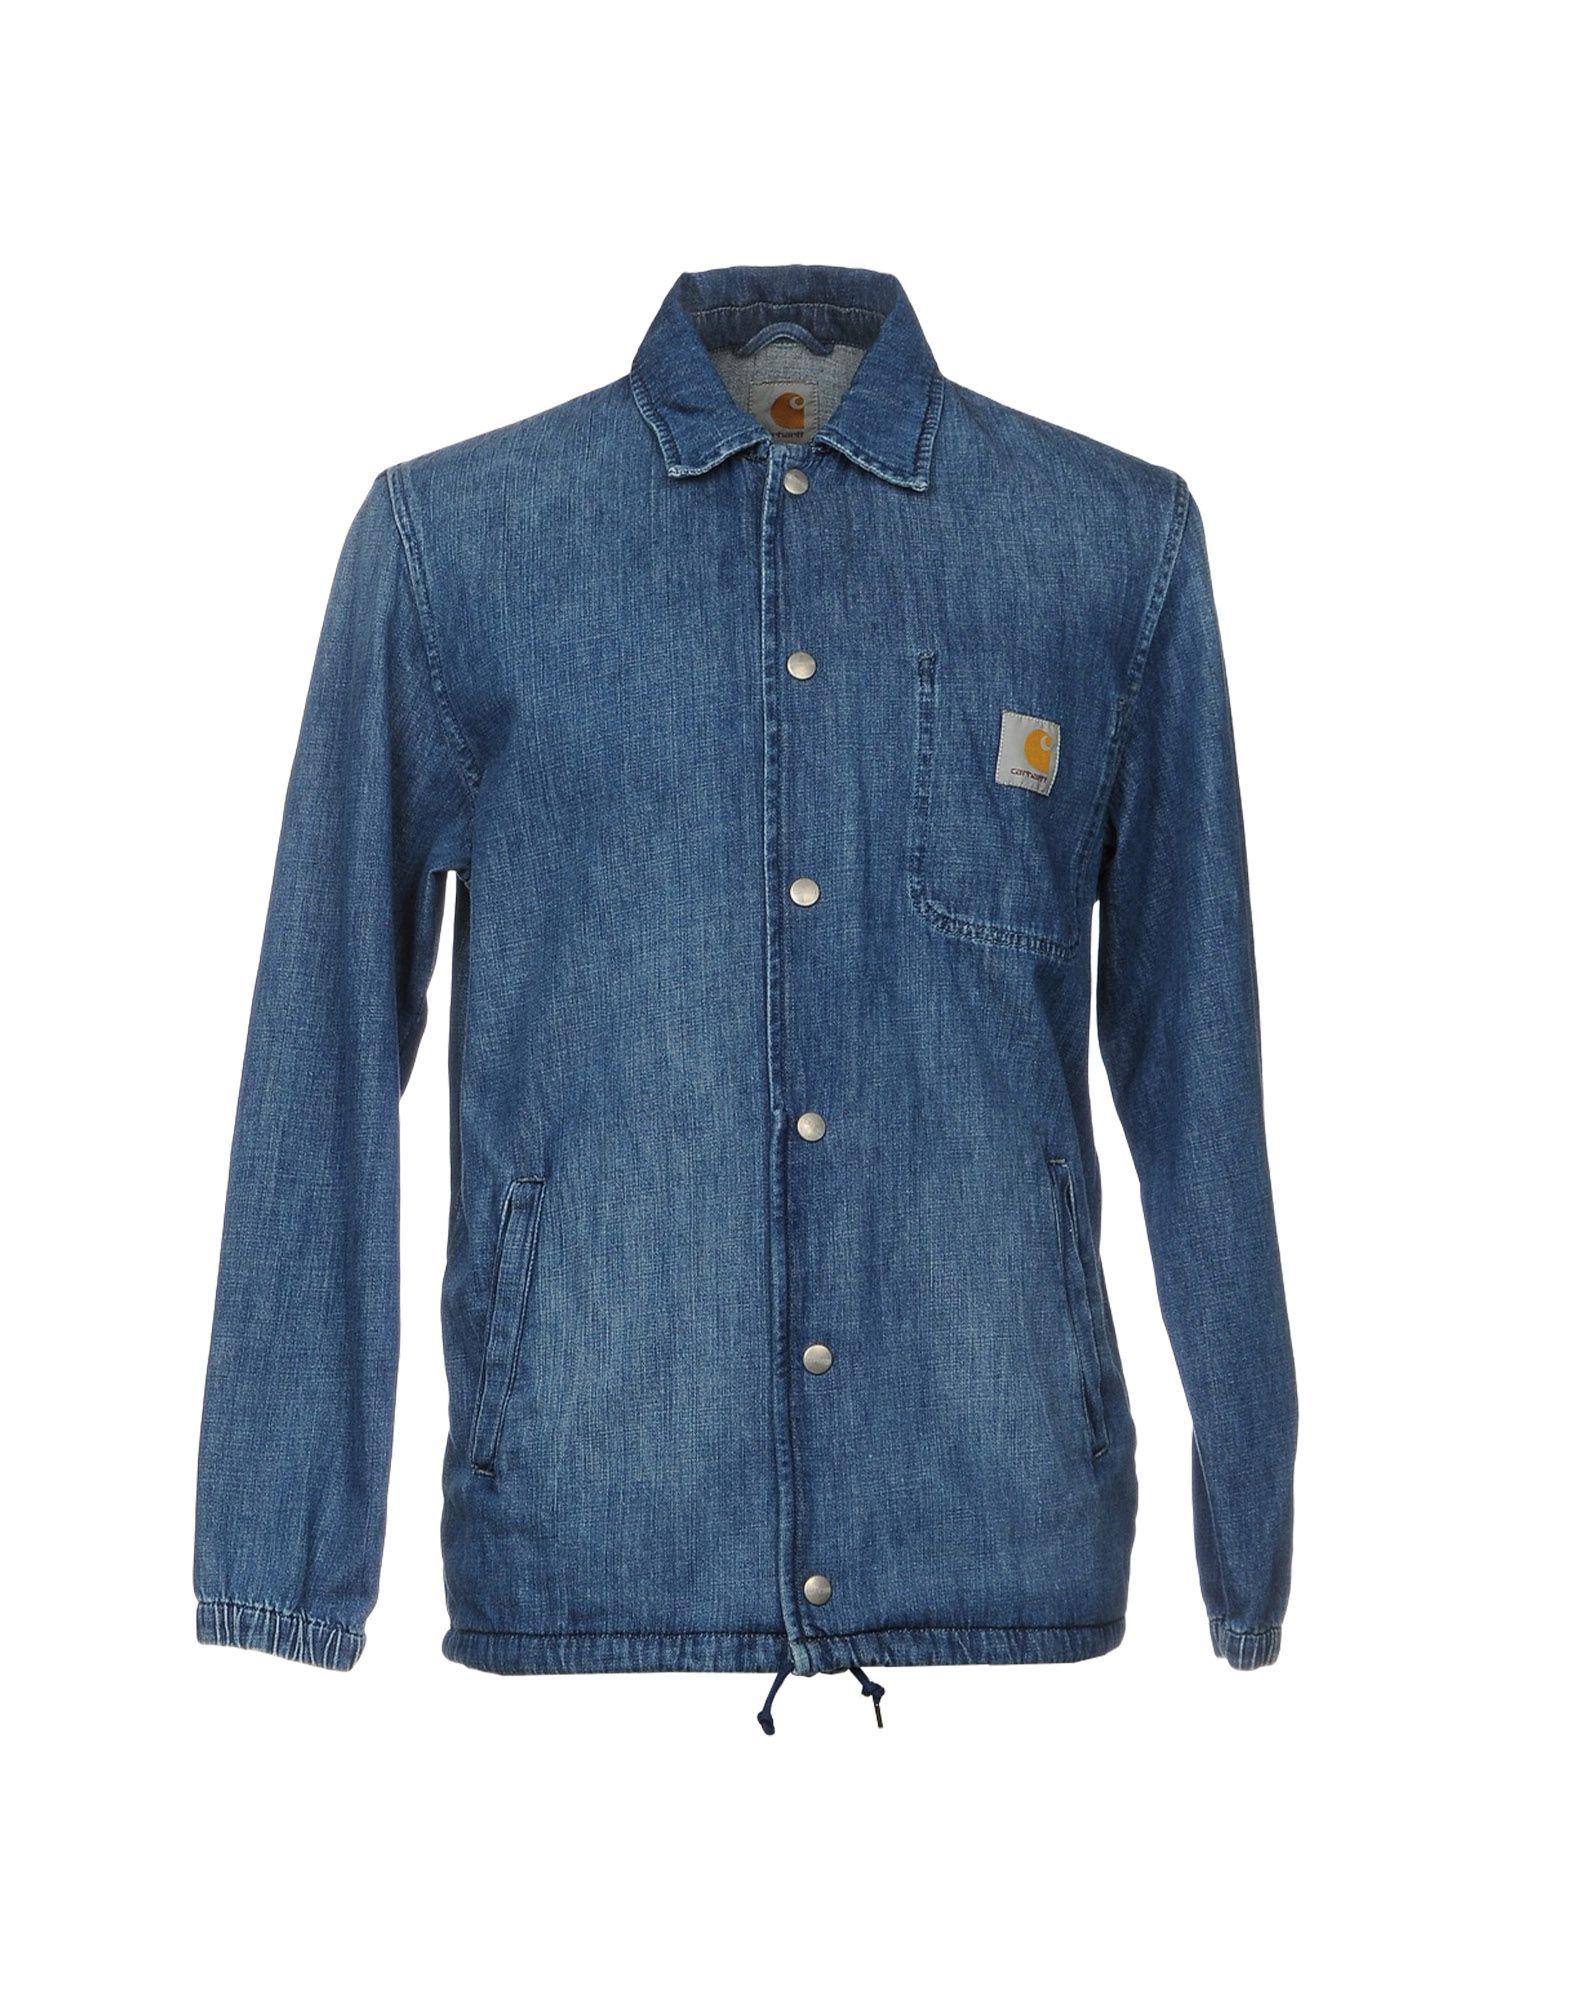 CARHARTT Джинсовая верхняя одежда reiko джинсовая верхняя одежда